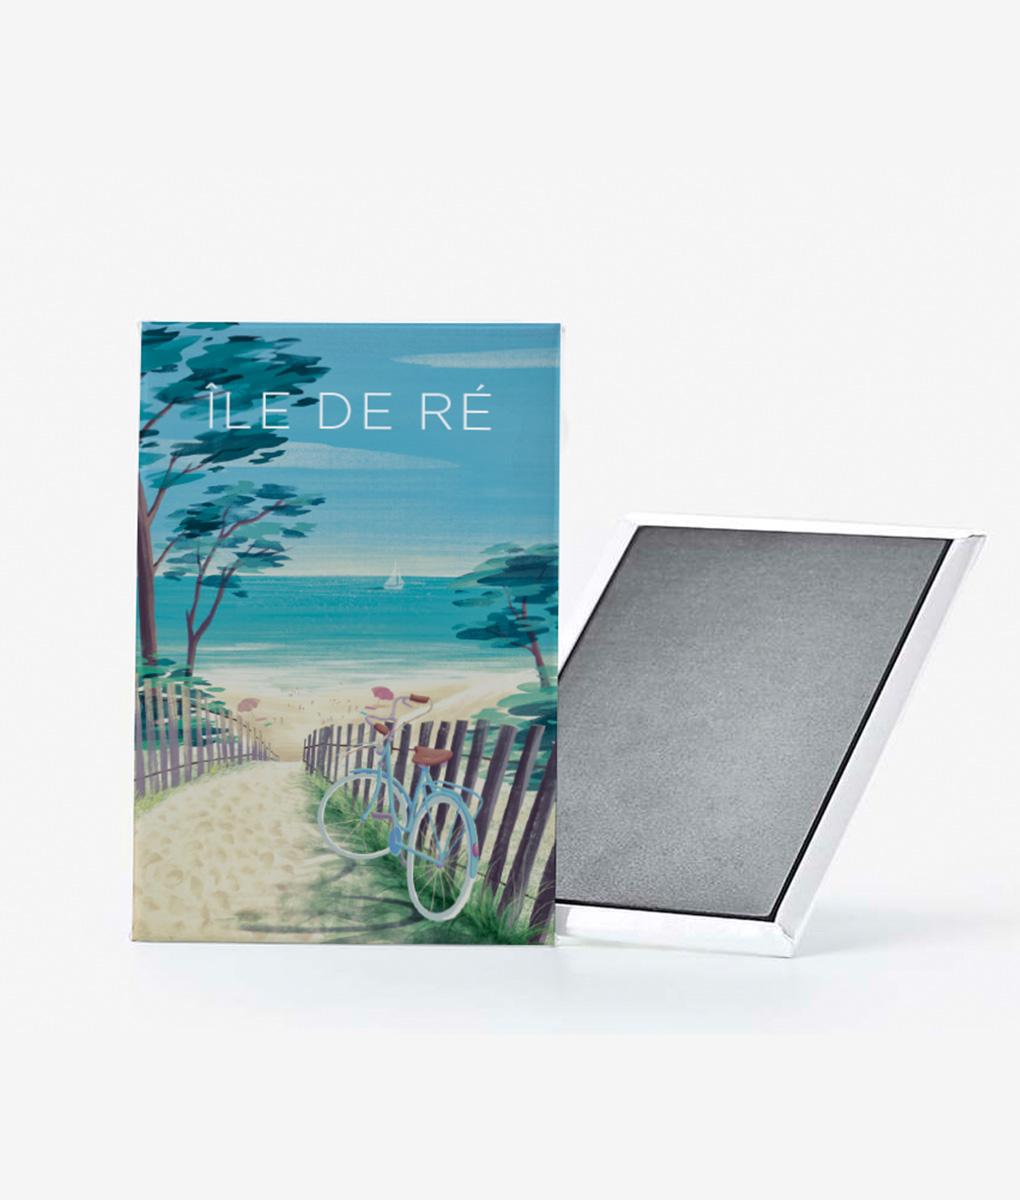 Un magnet vintage d'une plage de l'île de ré sous le soleil exactement